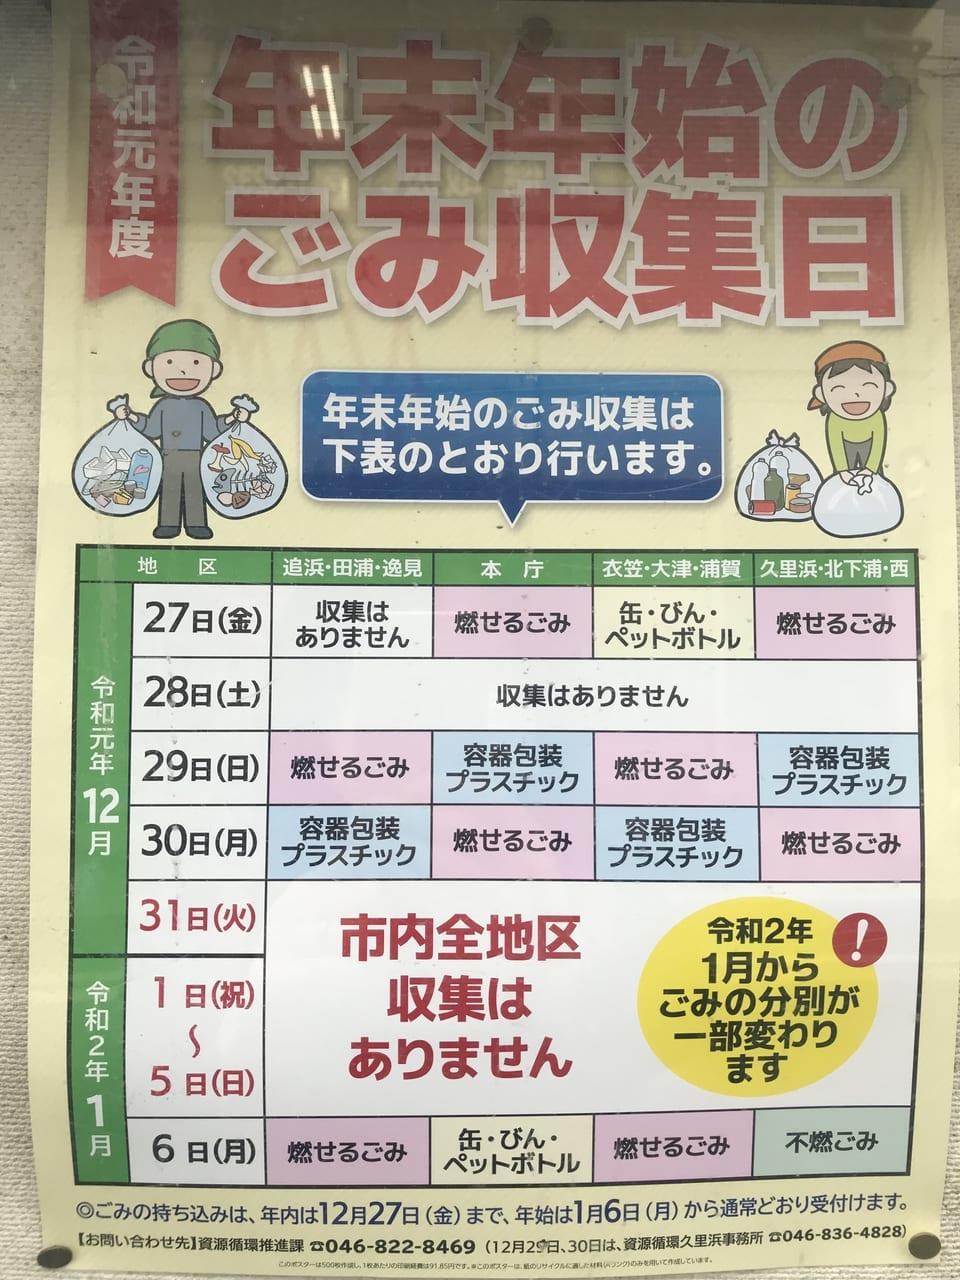 横浜 ゴミ 年末 年始